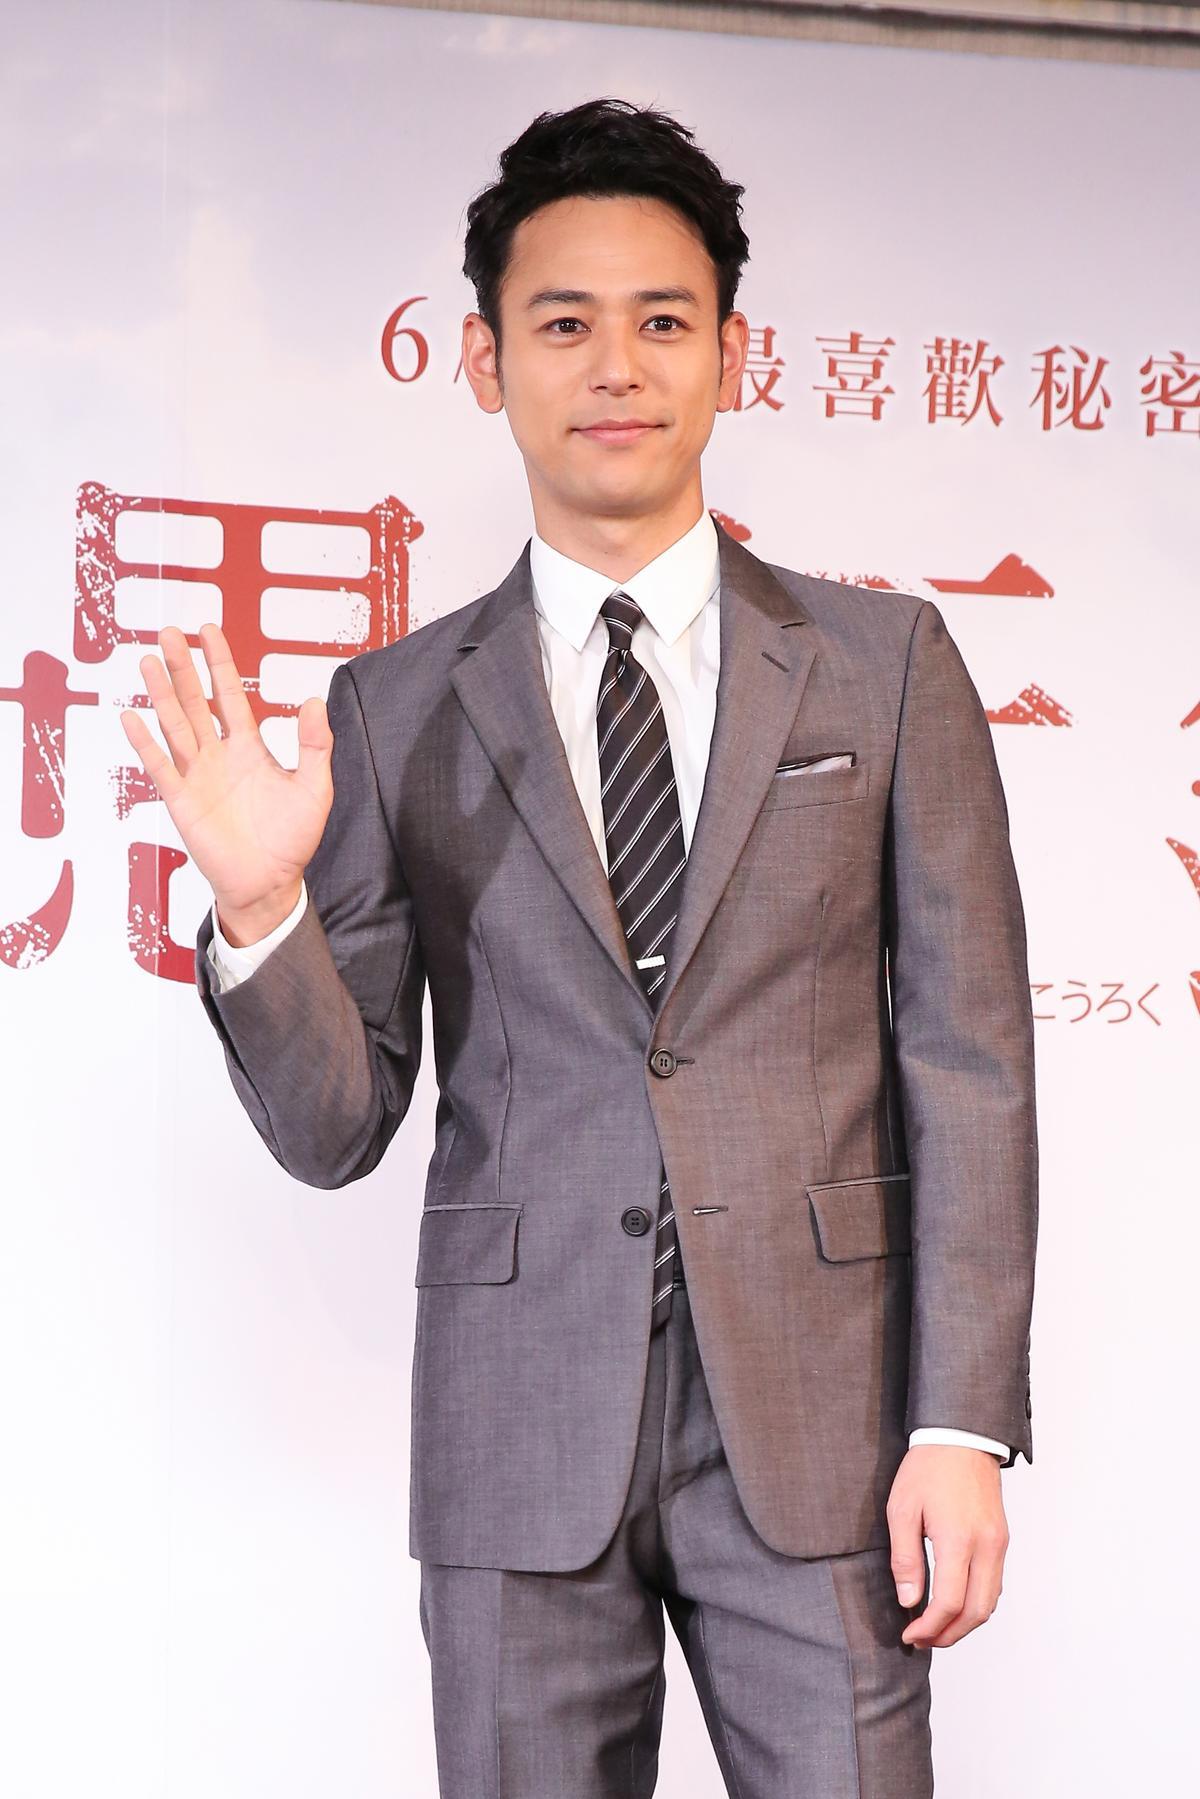 《愚行錄》男主角妻夫木聰來台宣傳,當初他點頭接演讓導演石川慶吃下定心丸。